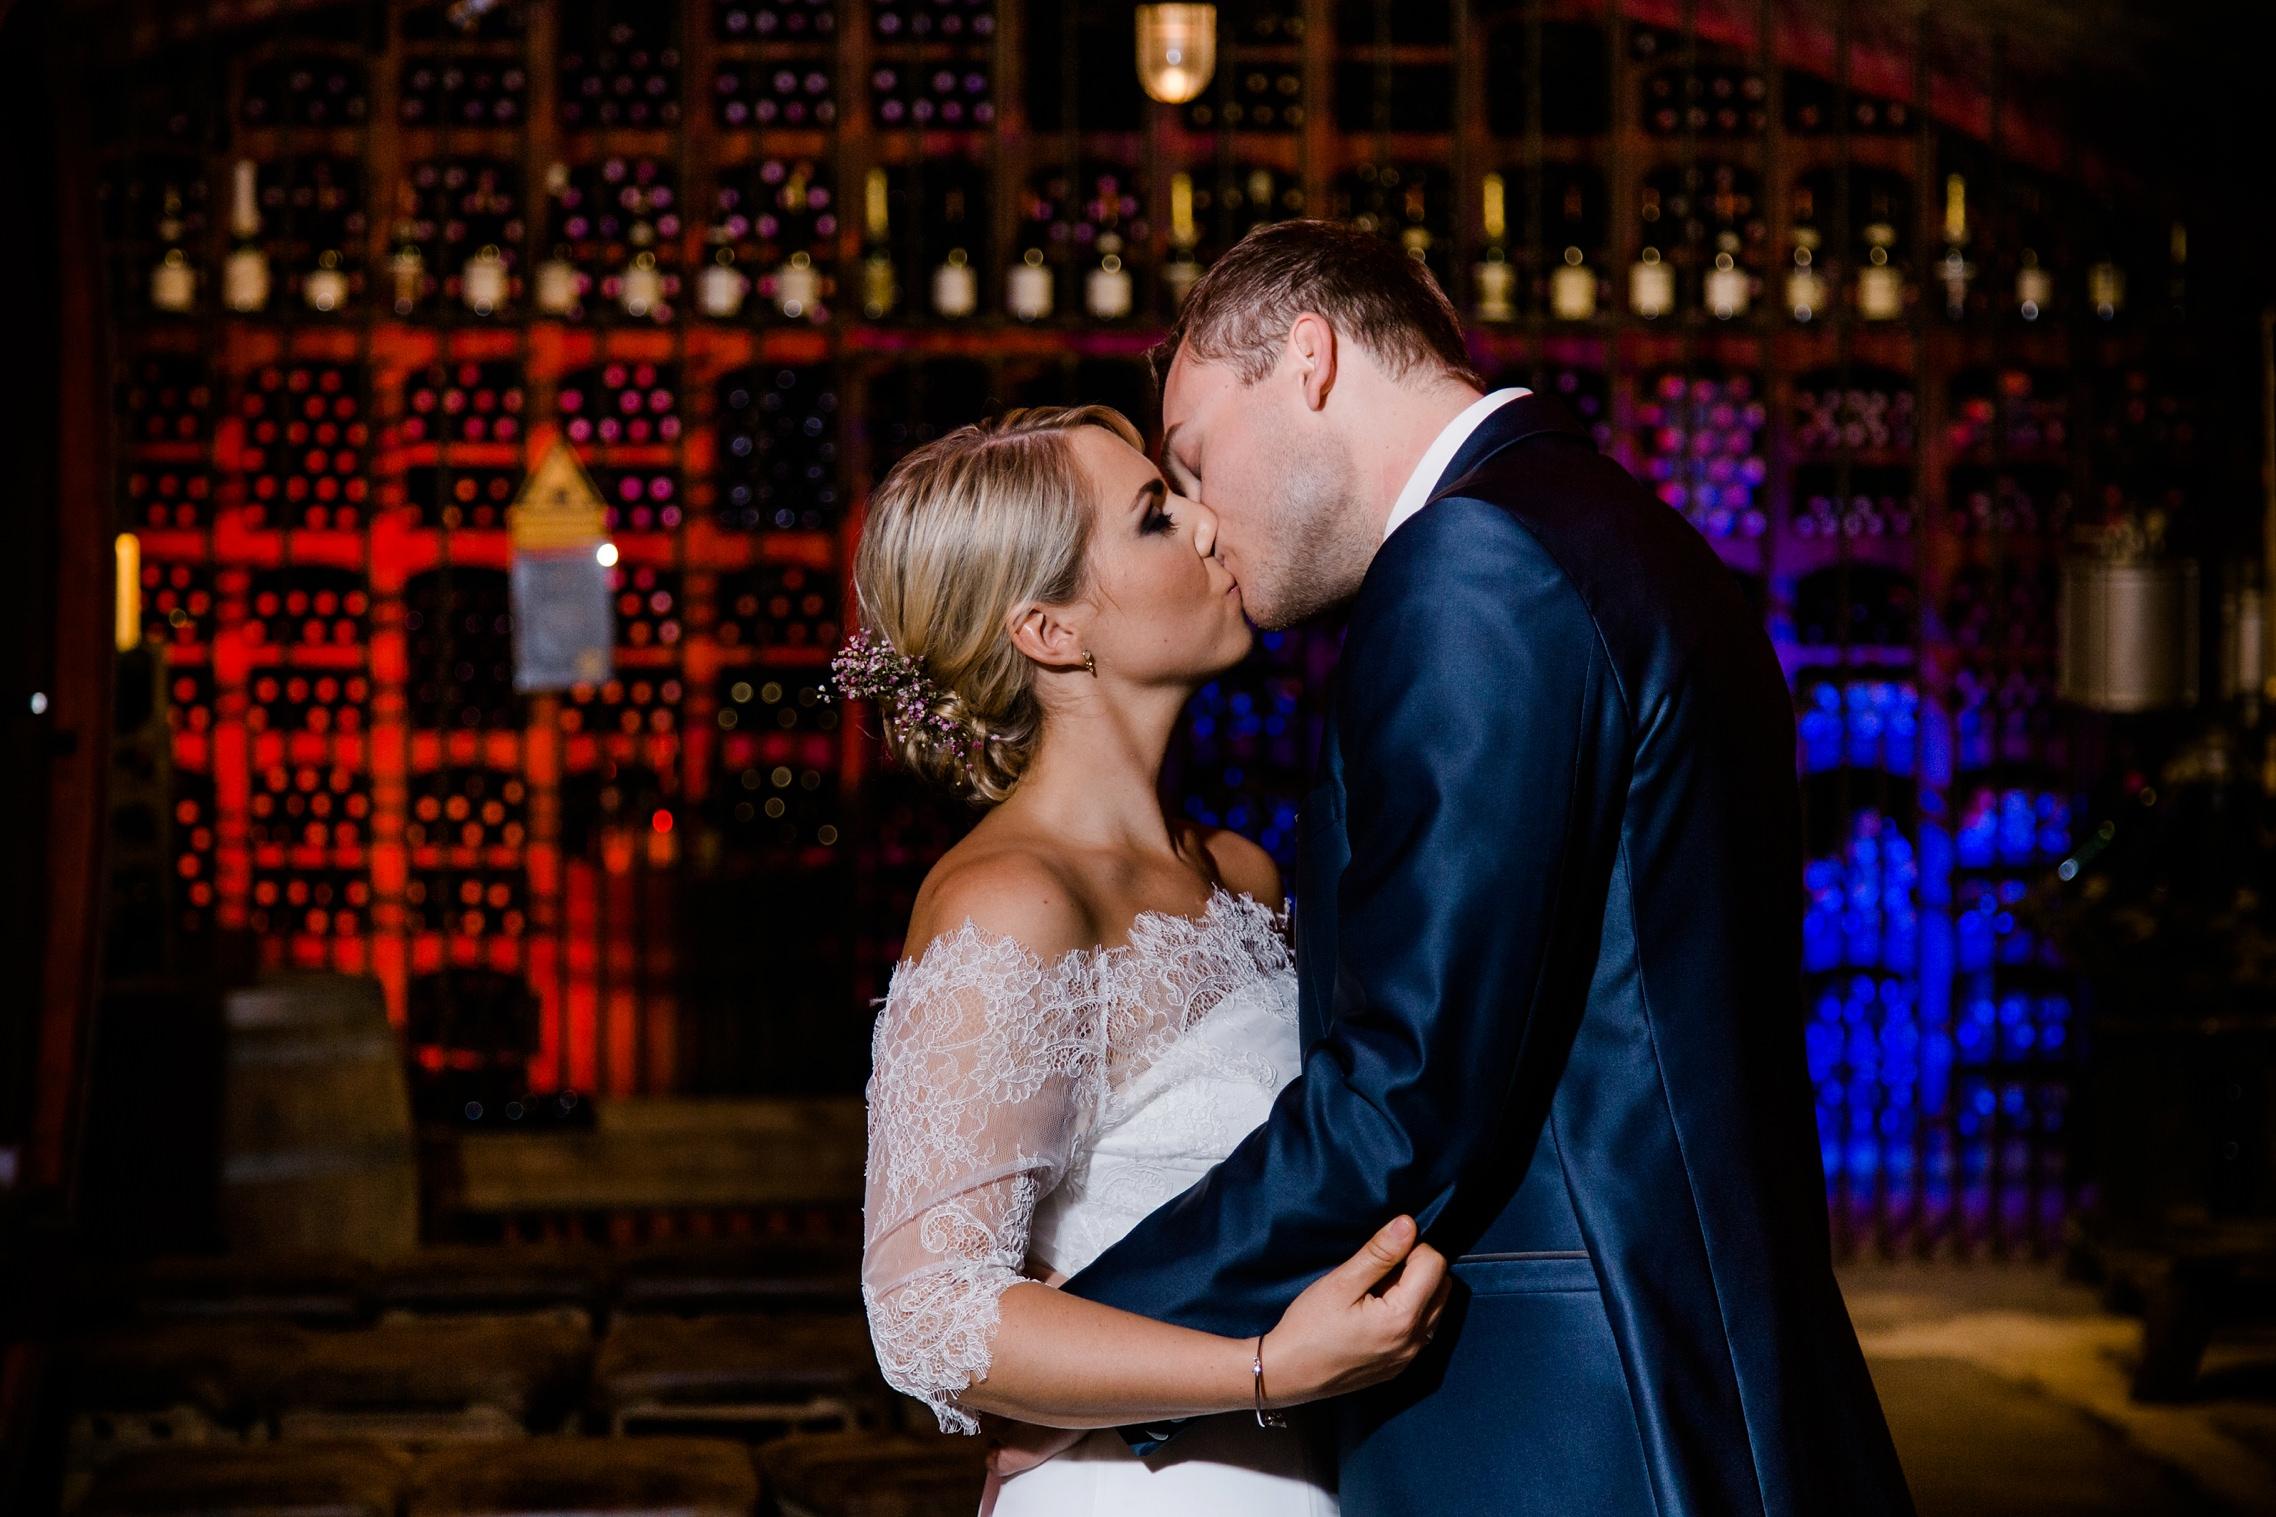 Hochzeits-Shooting im Gewölbe-Weinkeller des Fitz-Ritter in Bad Dürkheim. Im Hintergrund ist ein Flaschenlager mit kräftiger roter und blauer Farbe zu sehen.